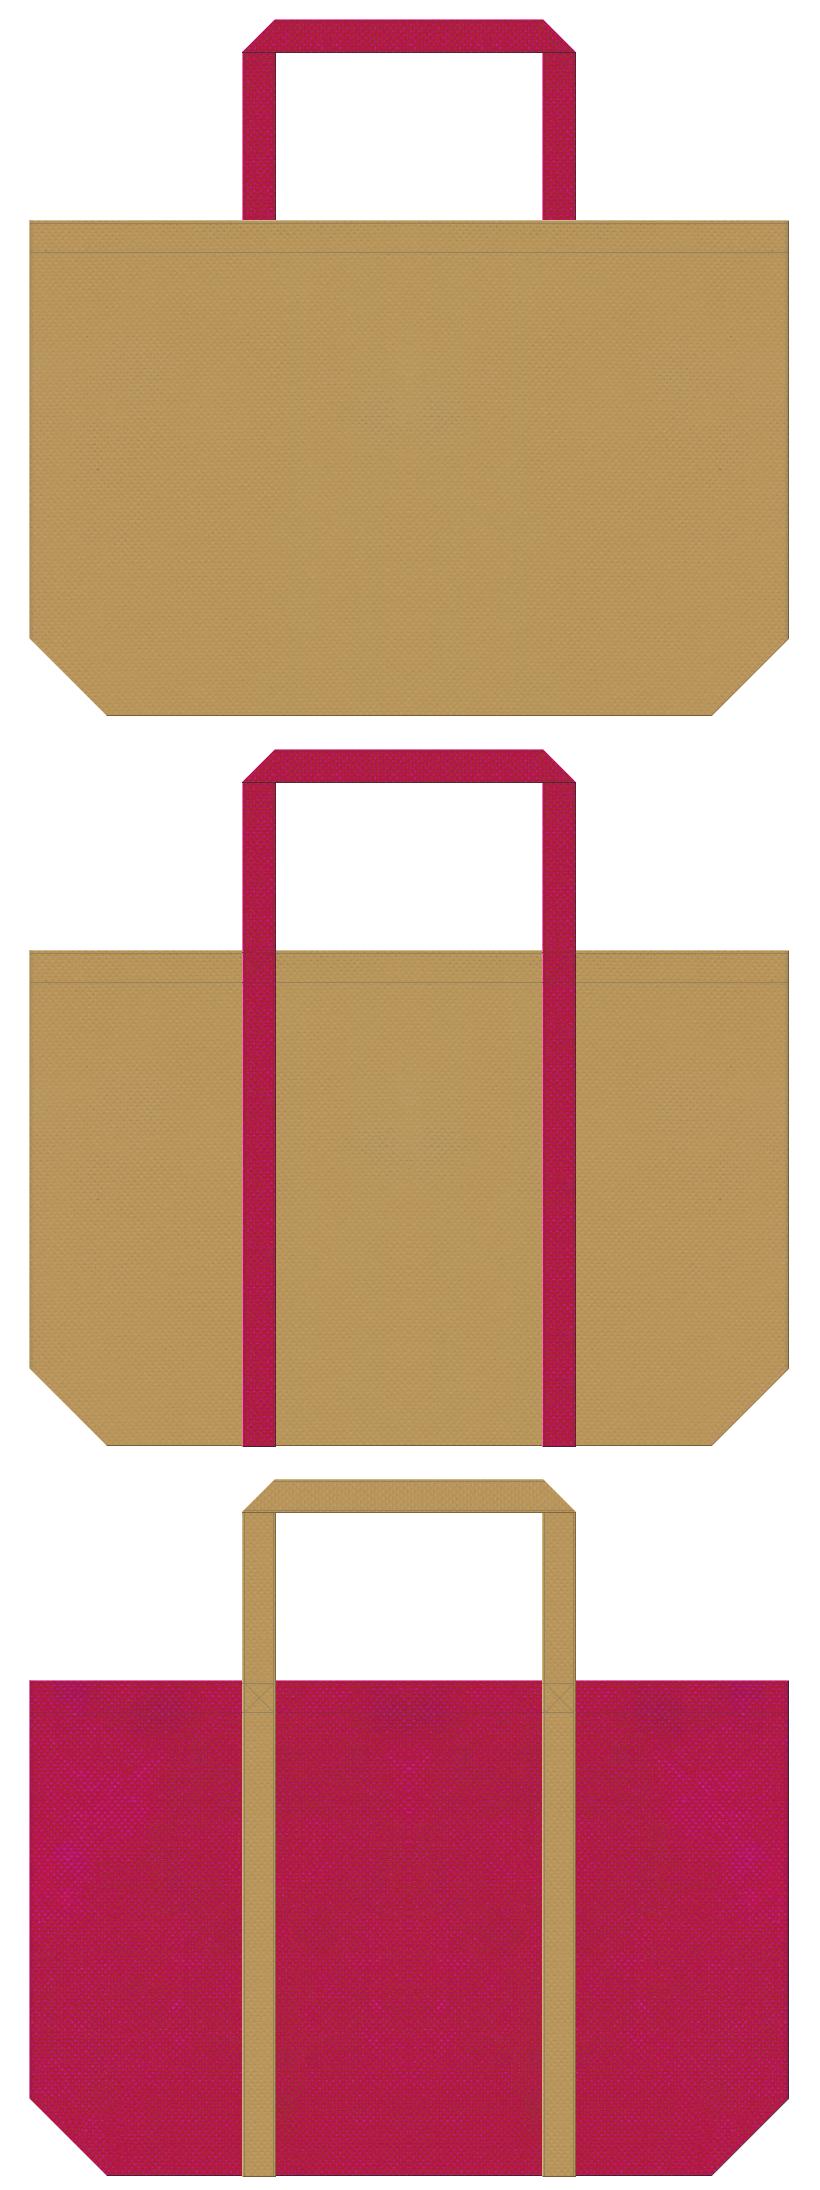 ハワイアン・アロハシャツ・南国・トロピカル・トラベルバッグ・リゾートのショッピングバッグにお奨めの不織布バッグデザイン:マスタード色と濃いピンク色のコーデ